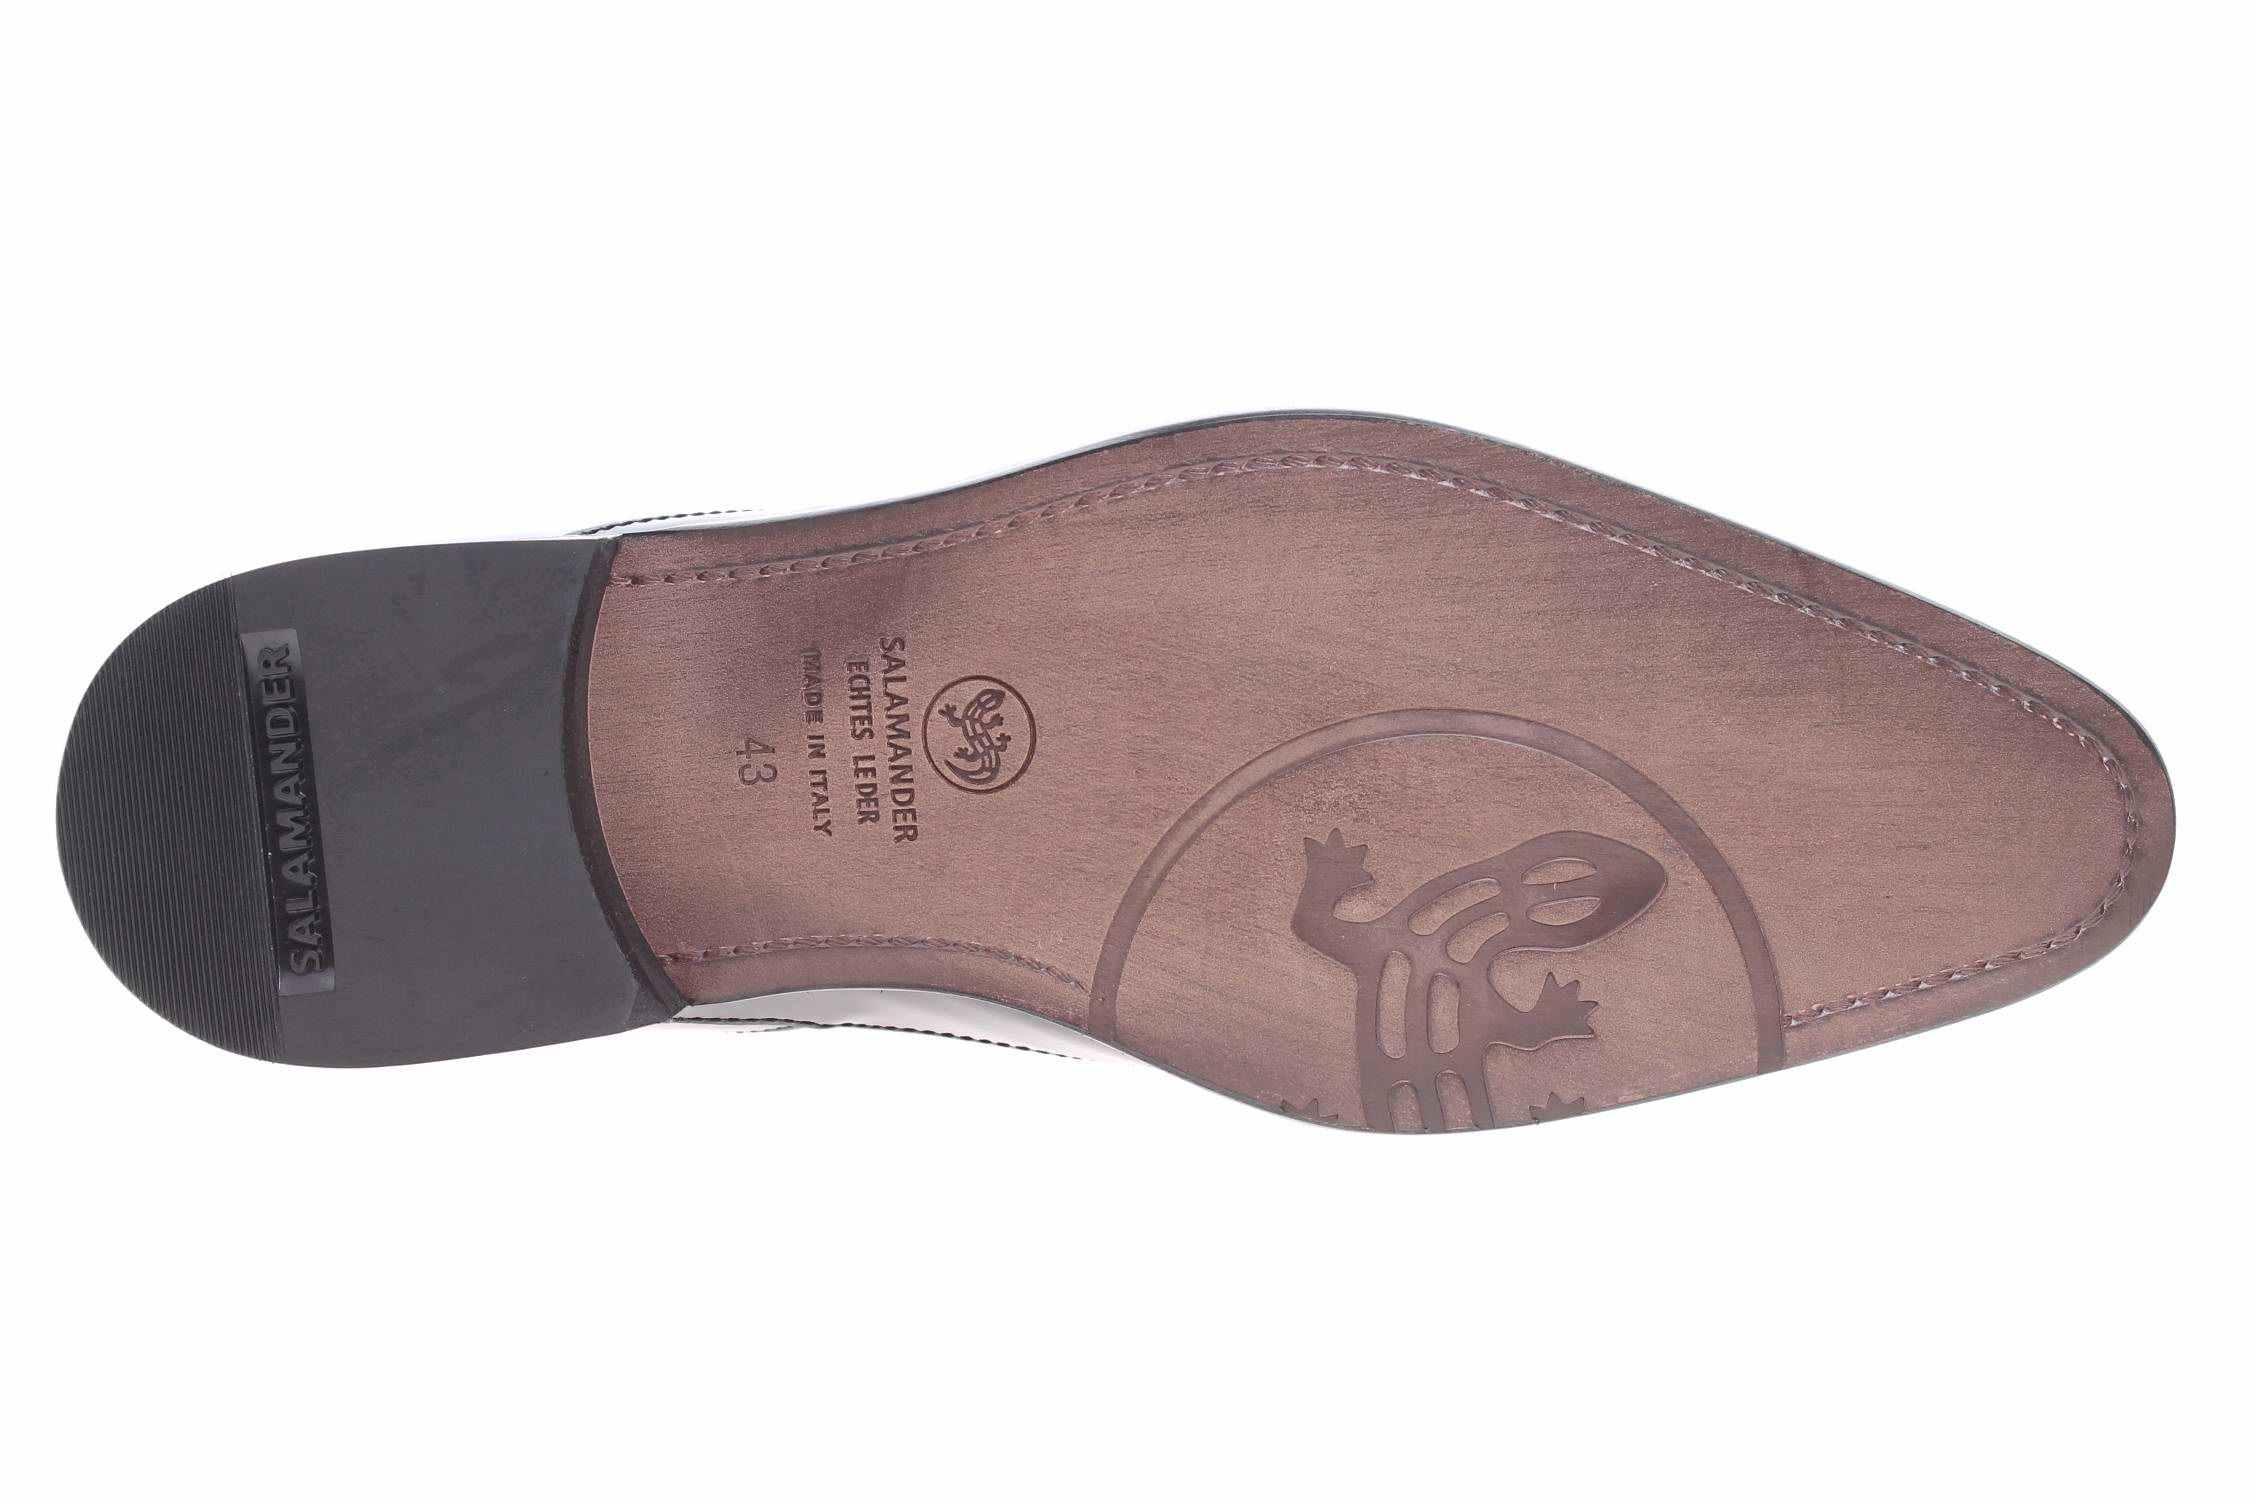 154502cc1 Salamander společenské mokasiny 31-77302-31 černé | Boty-obuv.cz - kvalitní  boty pro celou rodinu